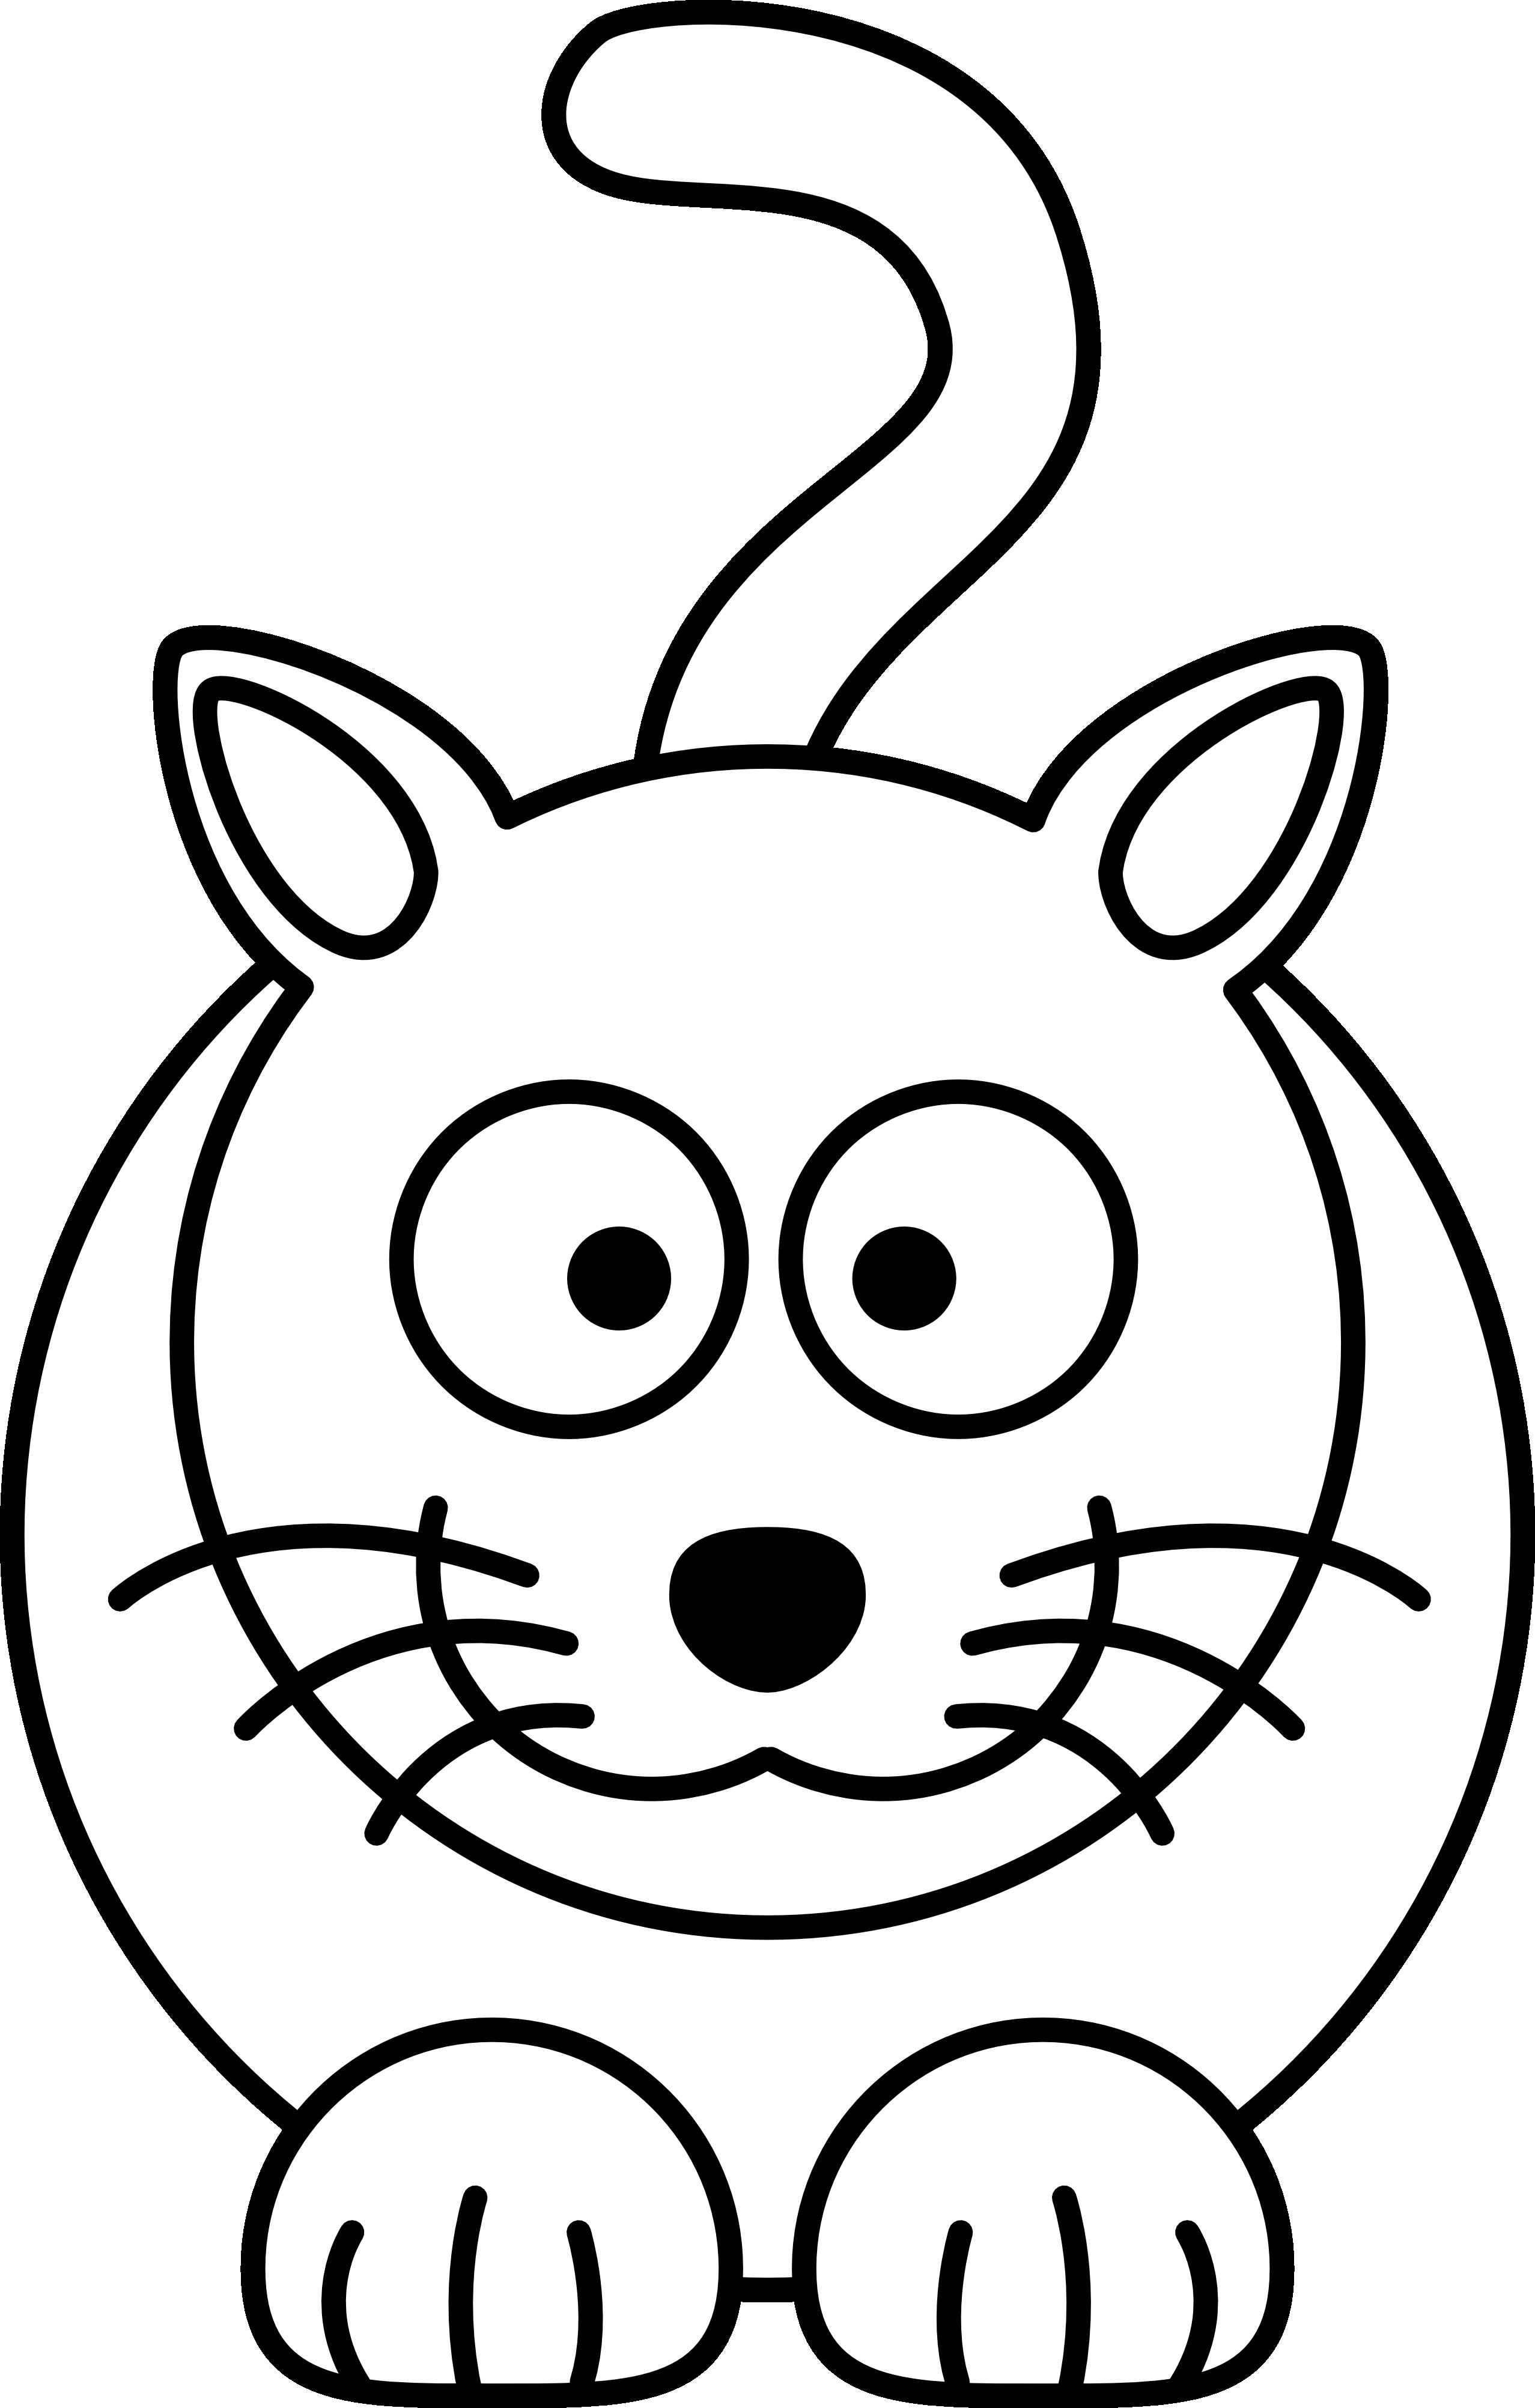 2555x4009 Kitten Clipart Easy